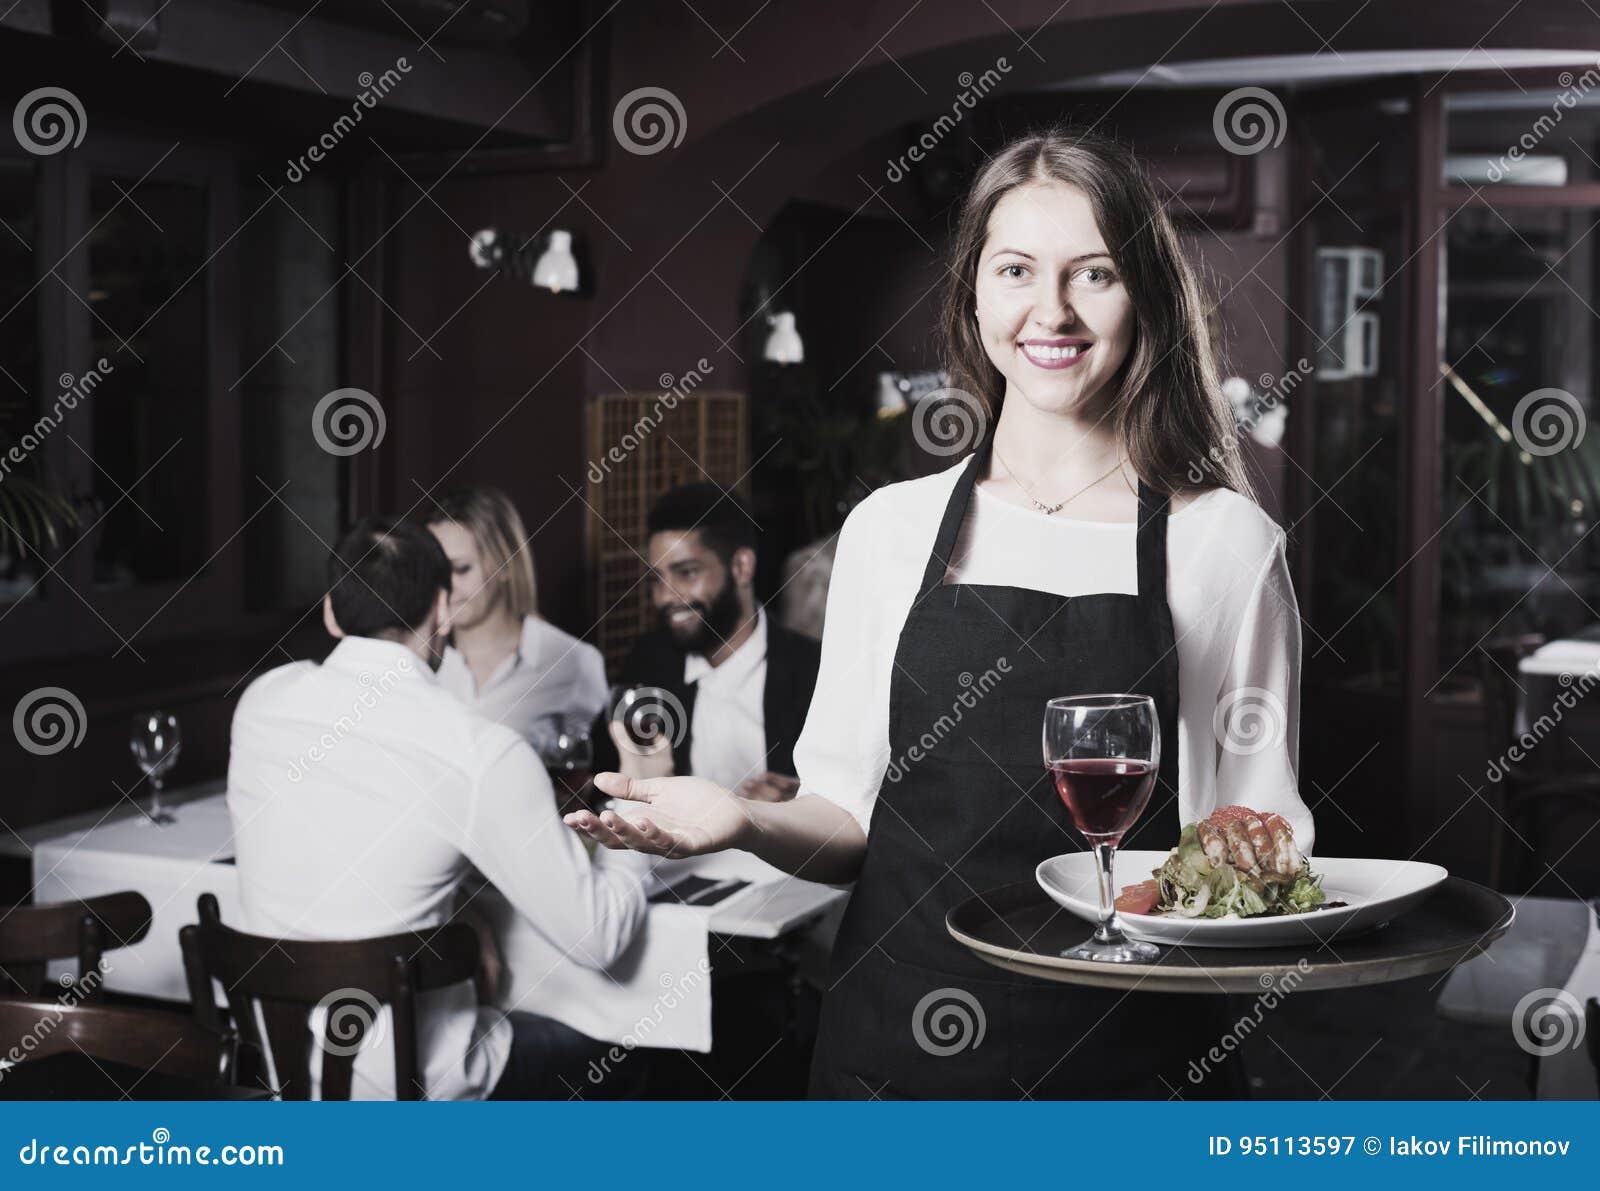 Prata vuxna människor och den gladlynta servitrins